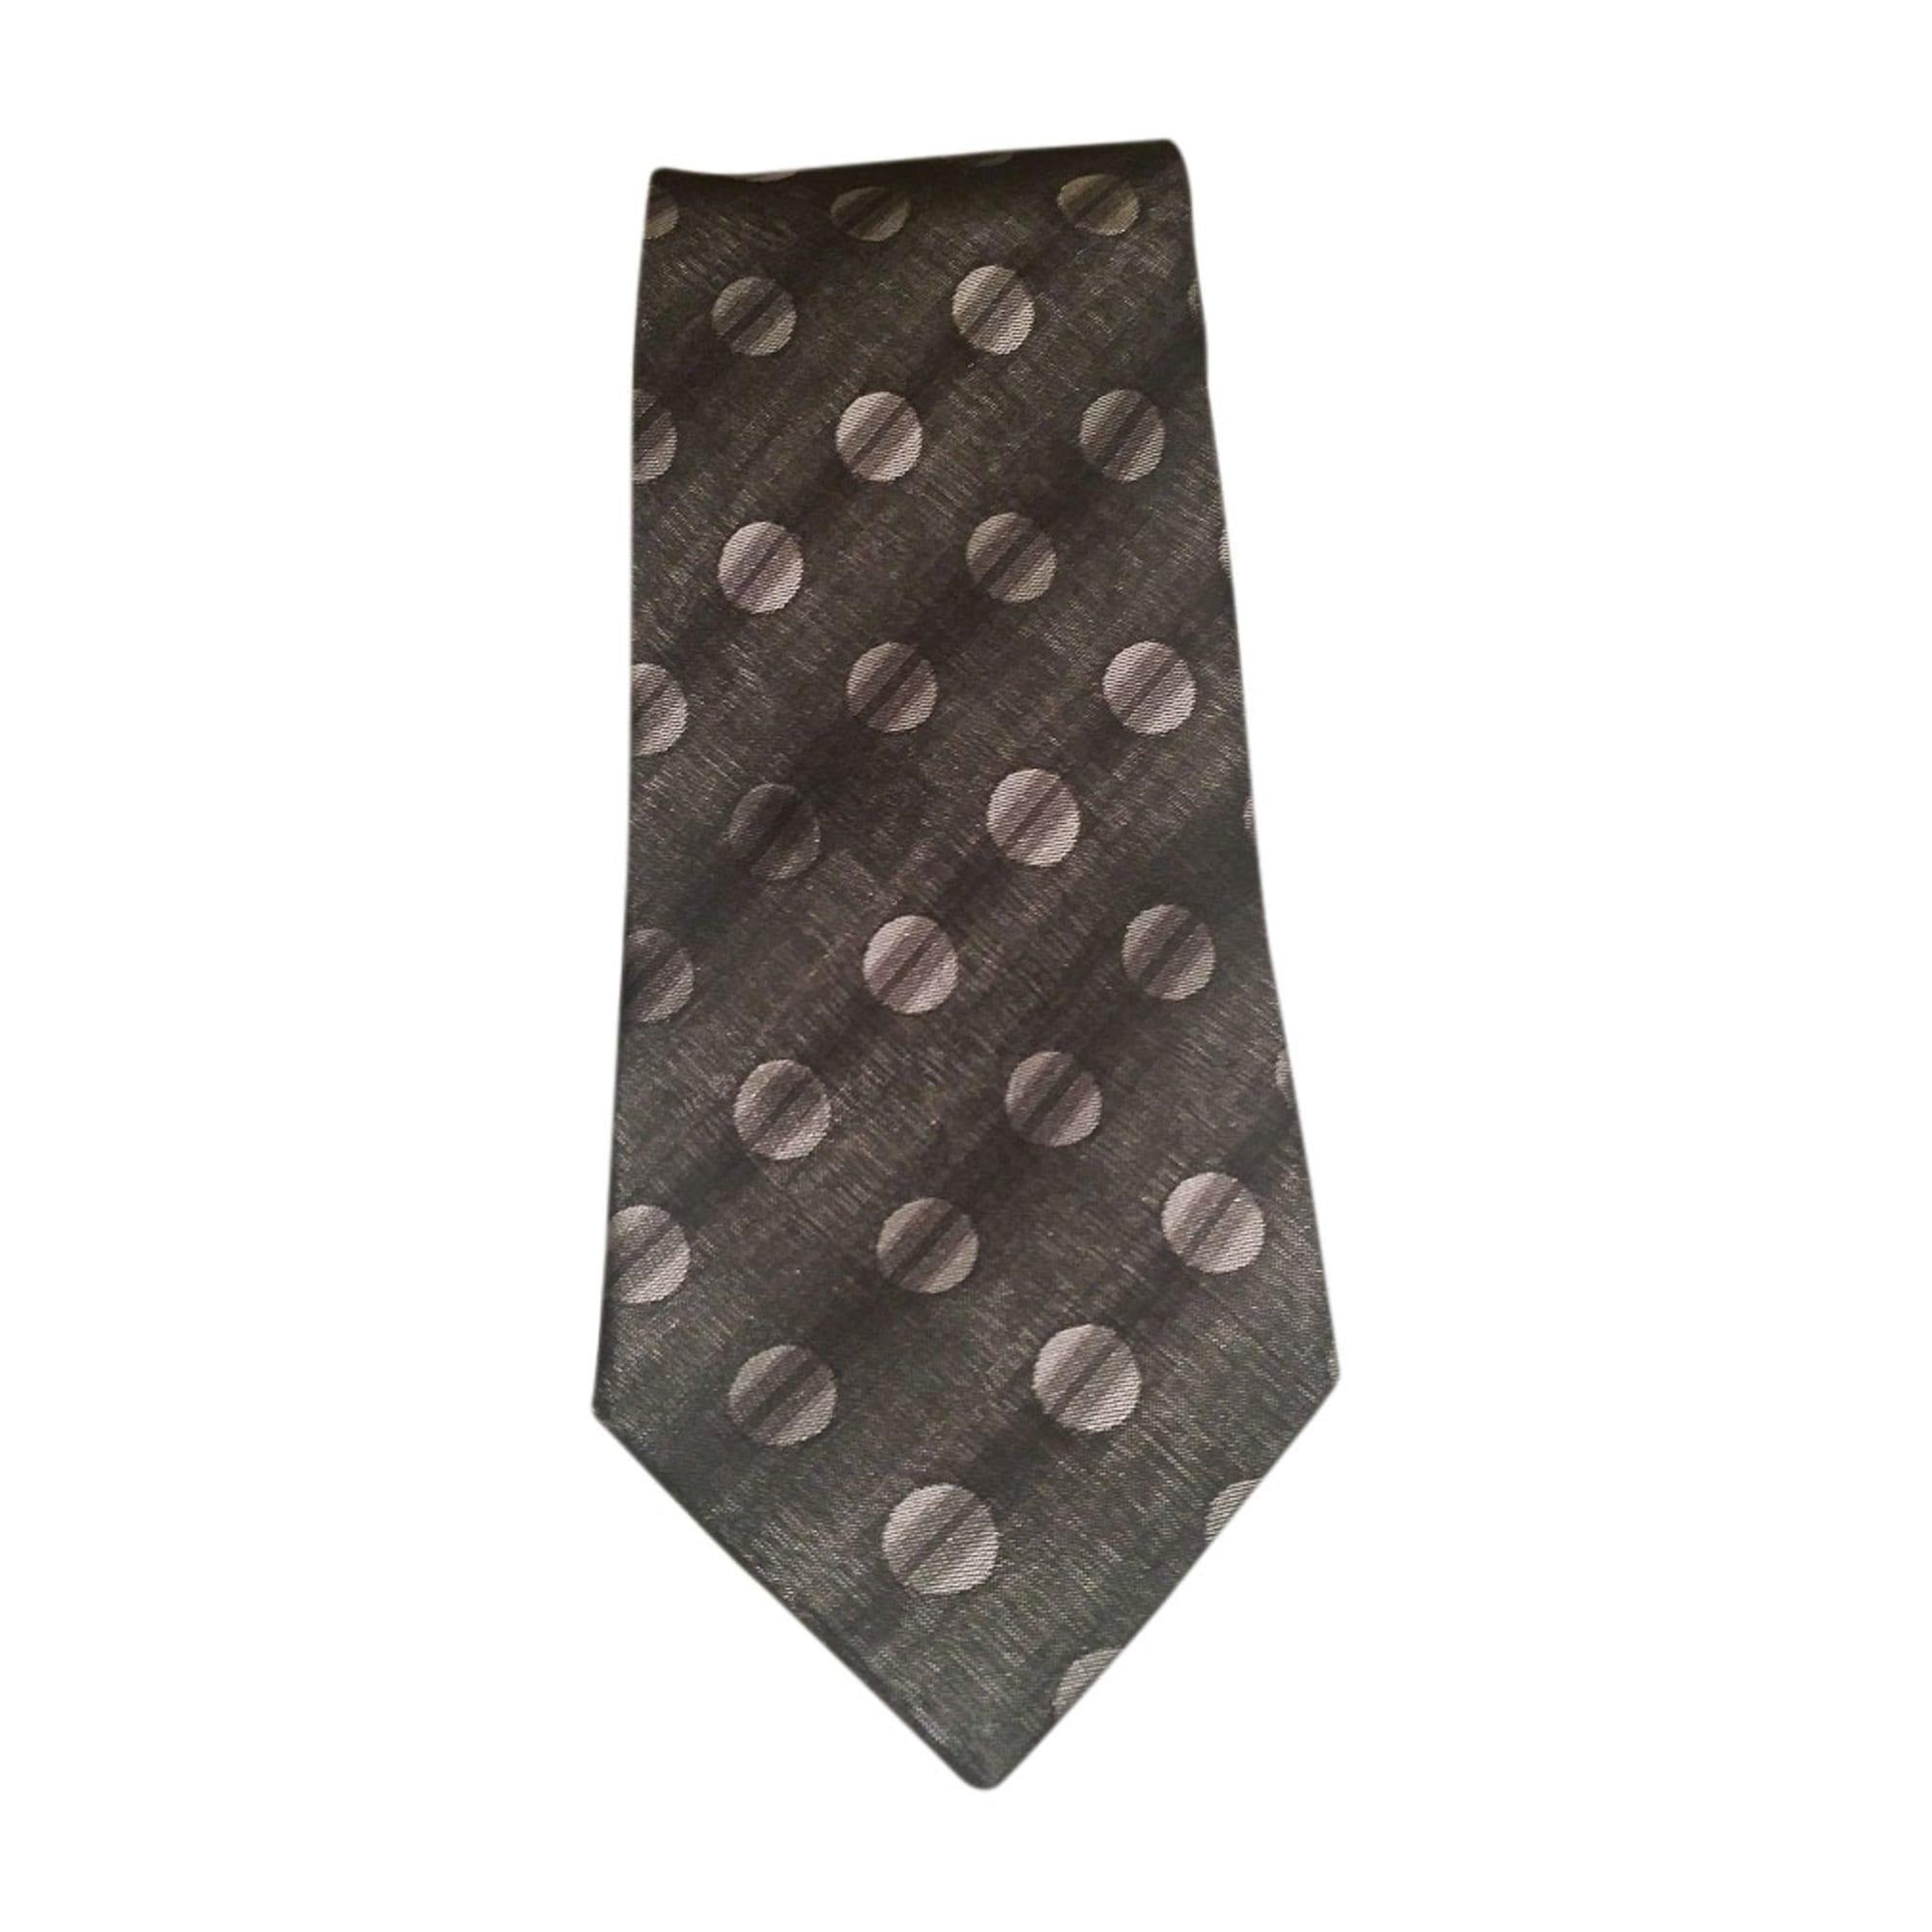 Kenzo Accessoires Accessoires Pour Homme Cravate Homme Kenzo Pour Cravate FTlu13KJc